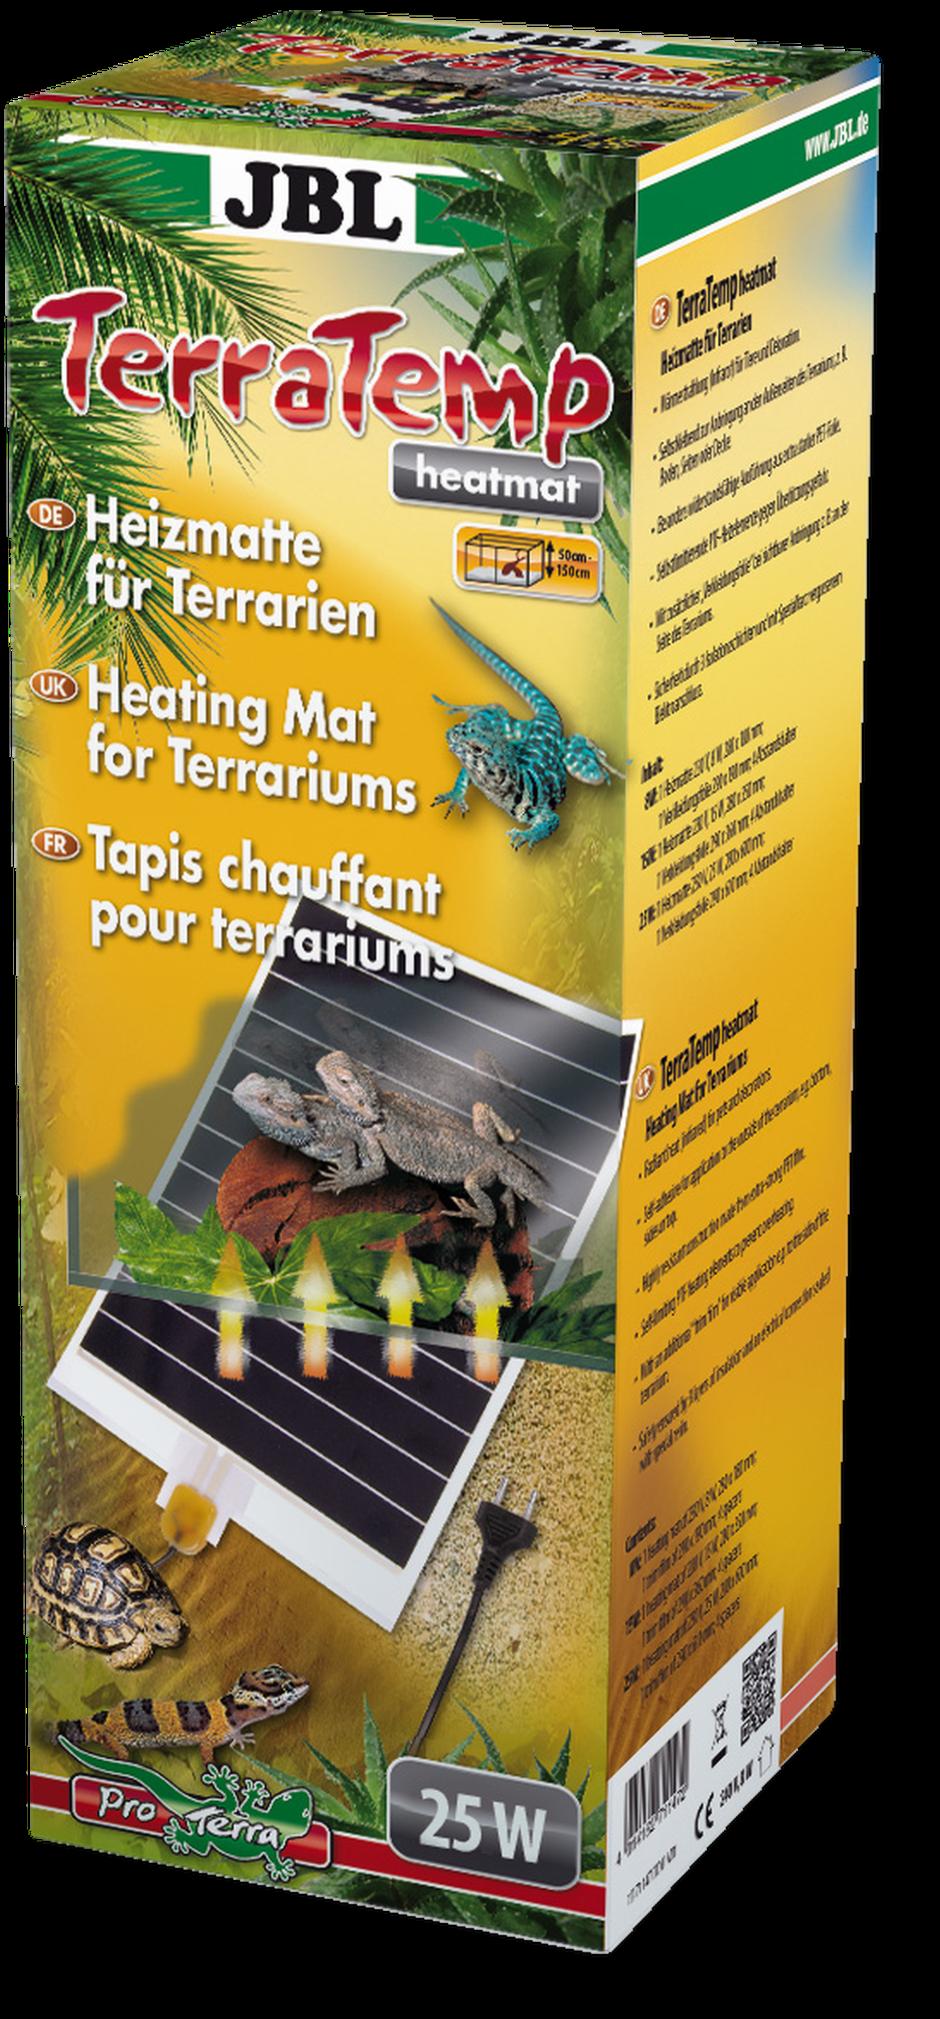 JBL TerraTemp heatmat 25 W